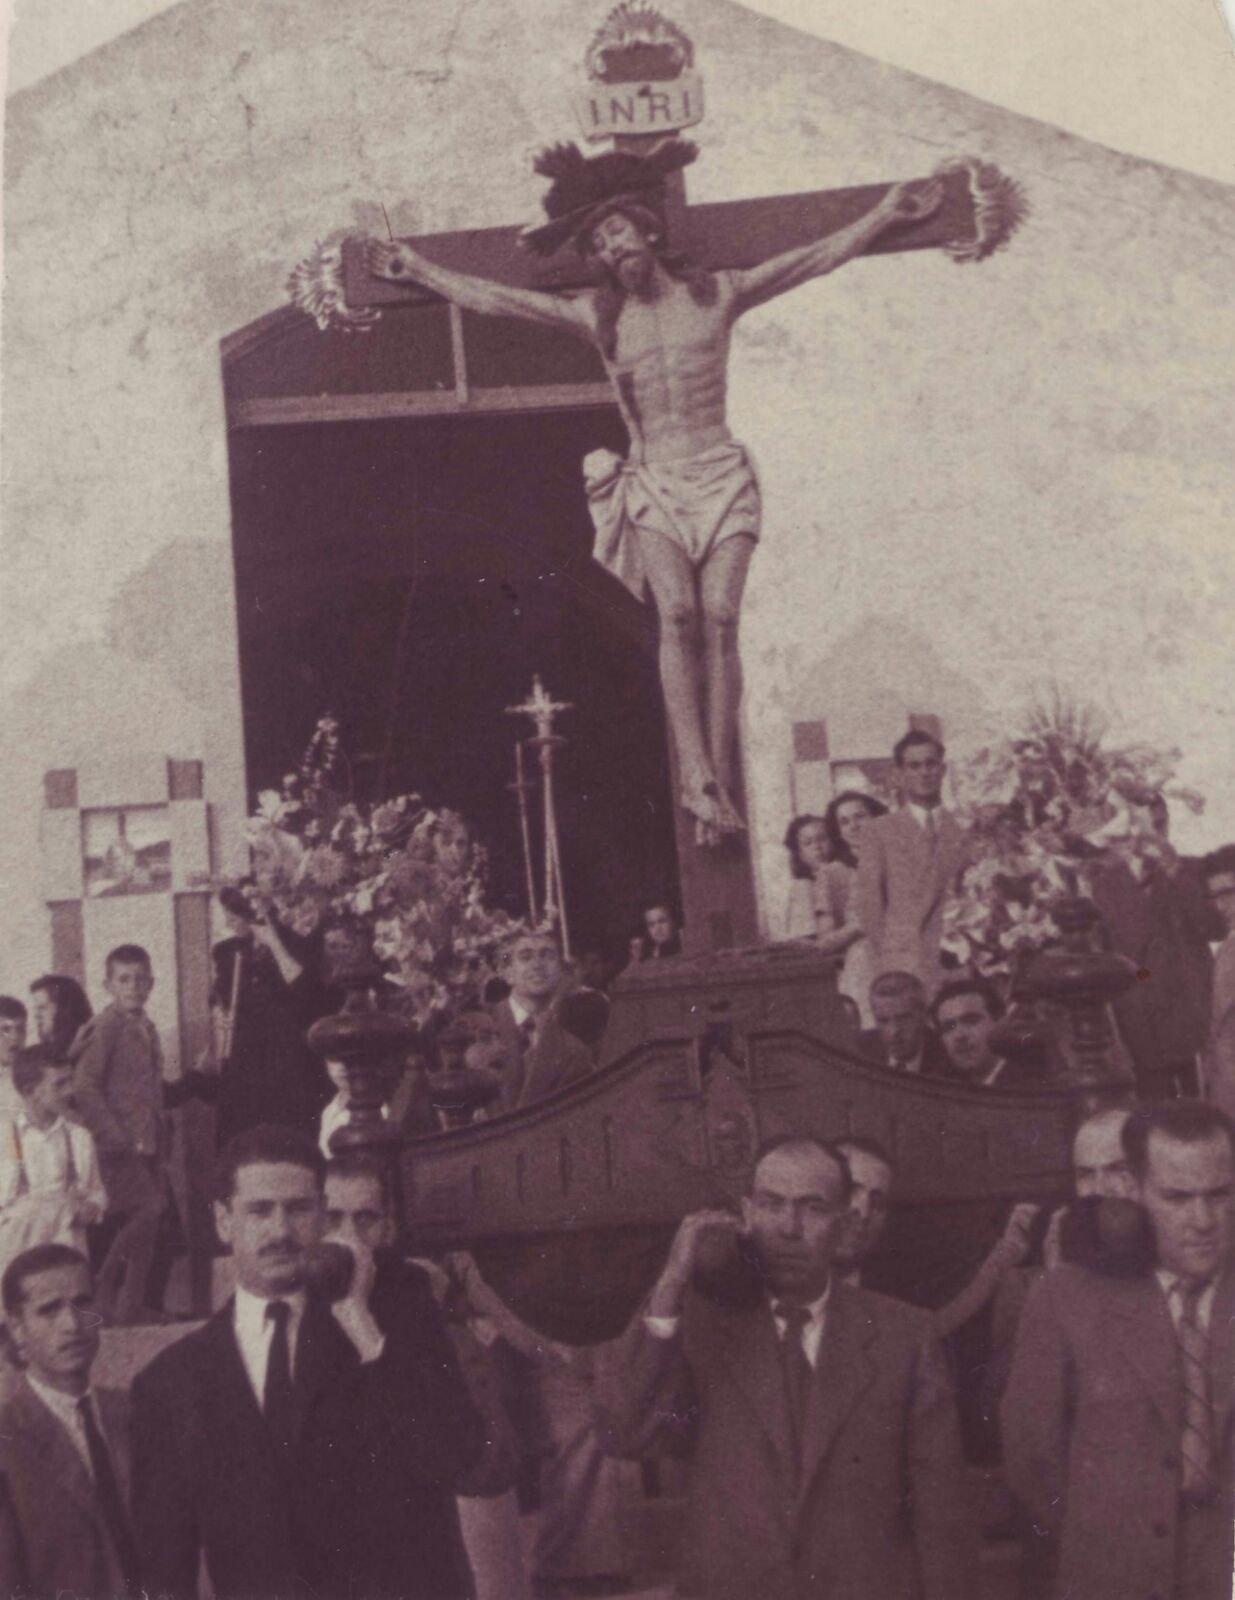 (Año 1955) - ElCristo - Fotografias Historicas - (01)